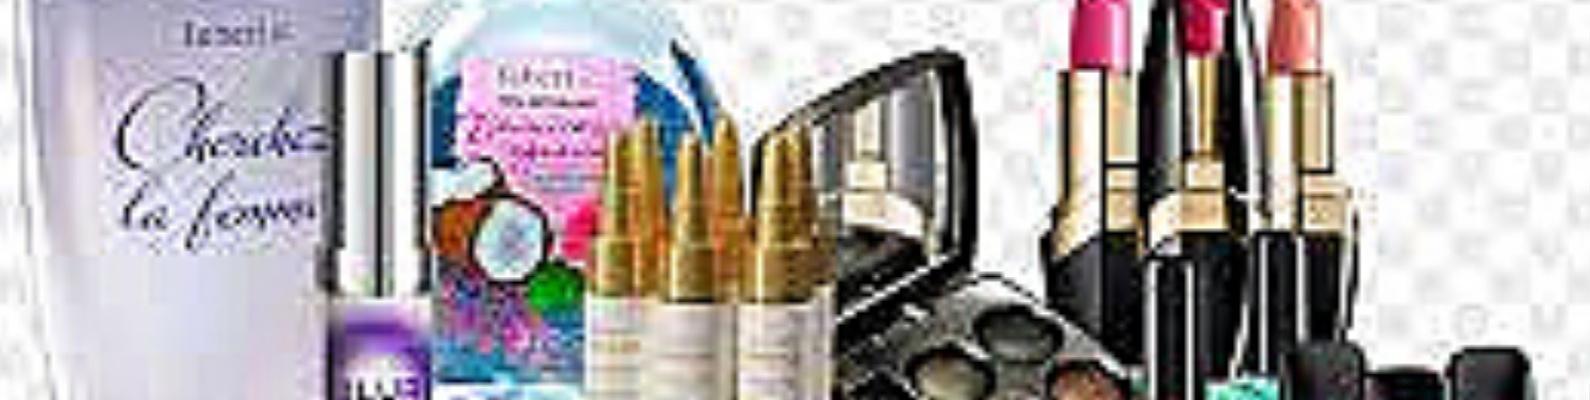 интернете парфюмерия косметика